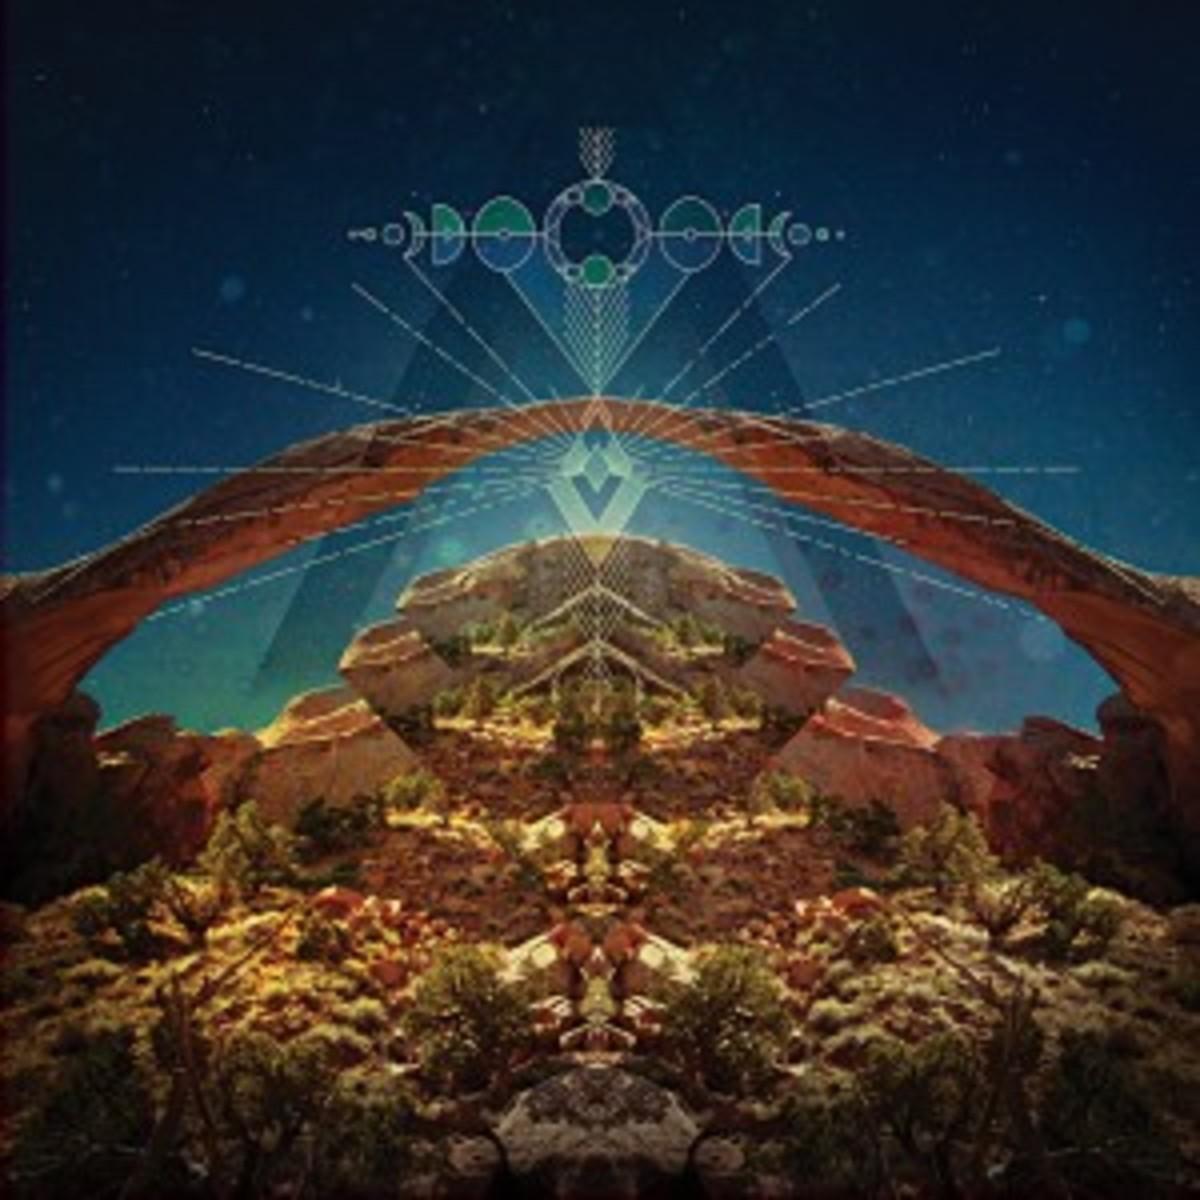 Chris Robinson Brotherhood Big Moon Ritual album cover